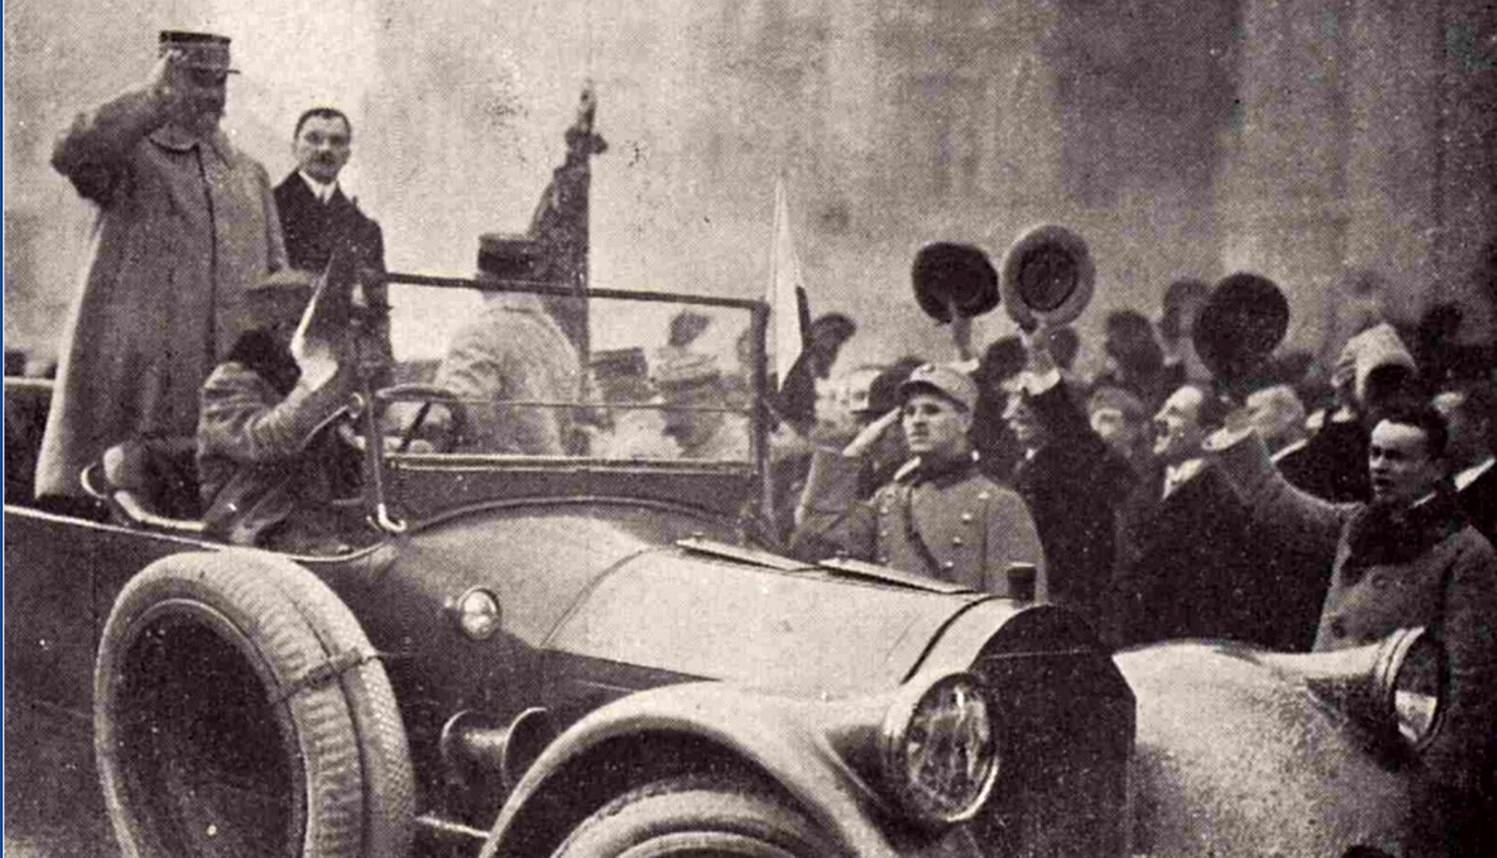 Generalul Beethelot, în Ardeal - Luceafărul, 15 ian. 1919